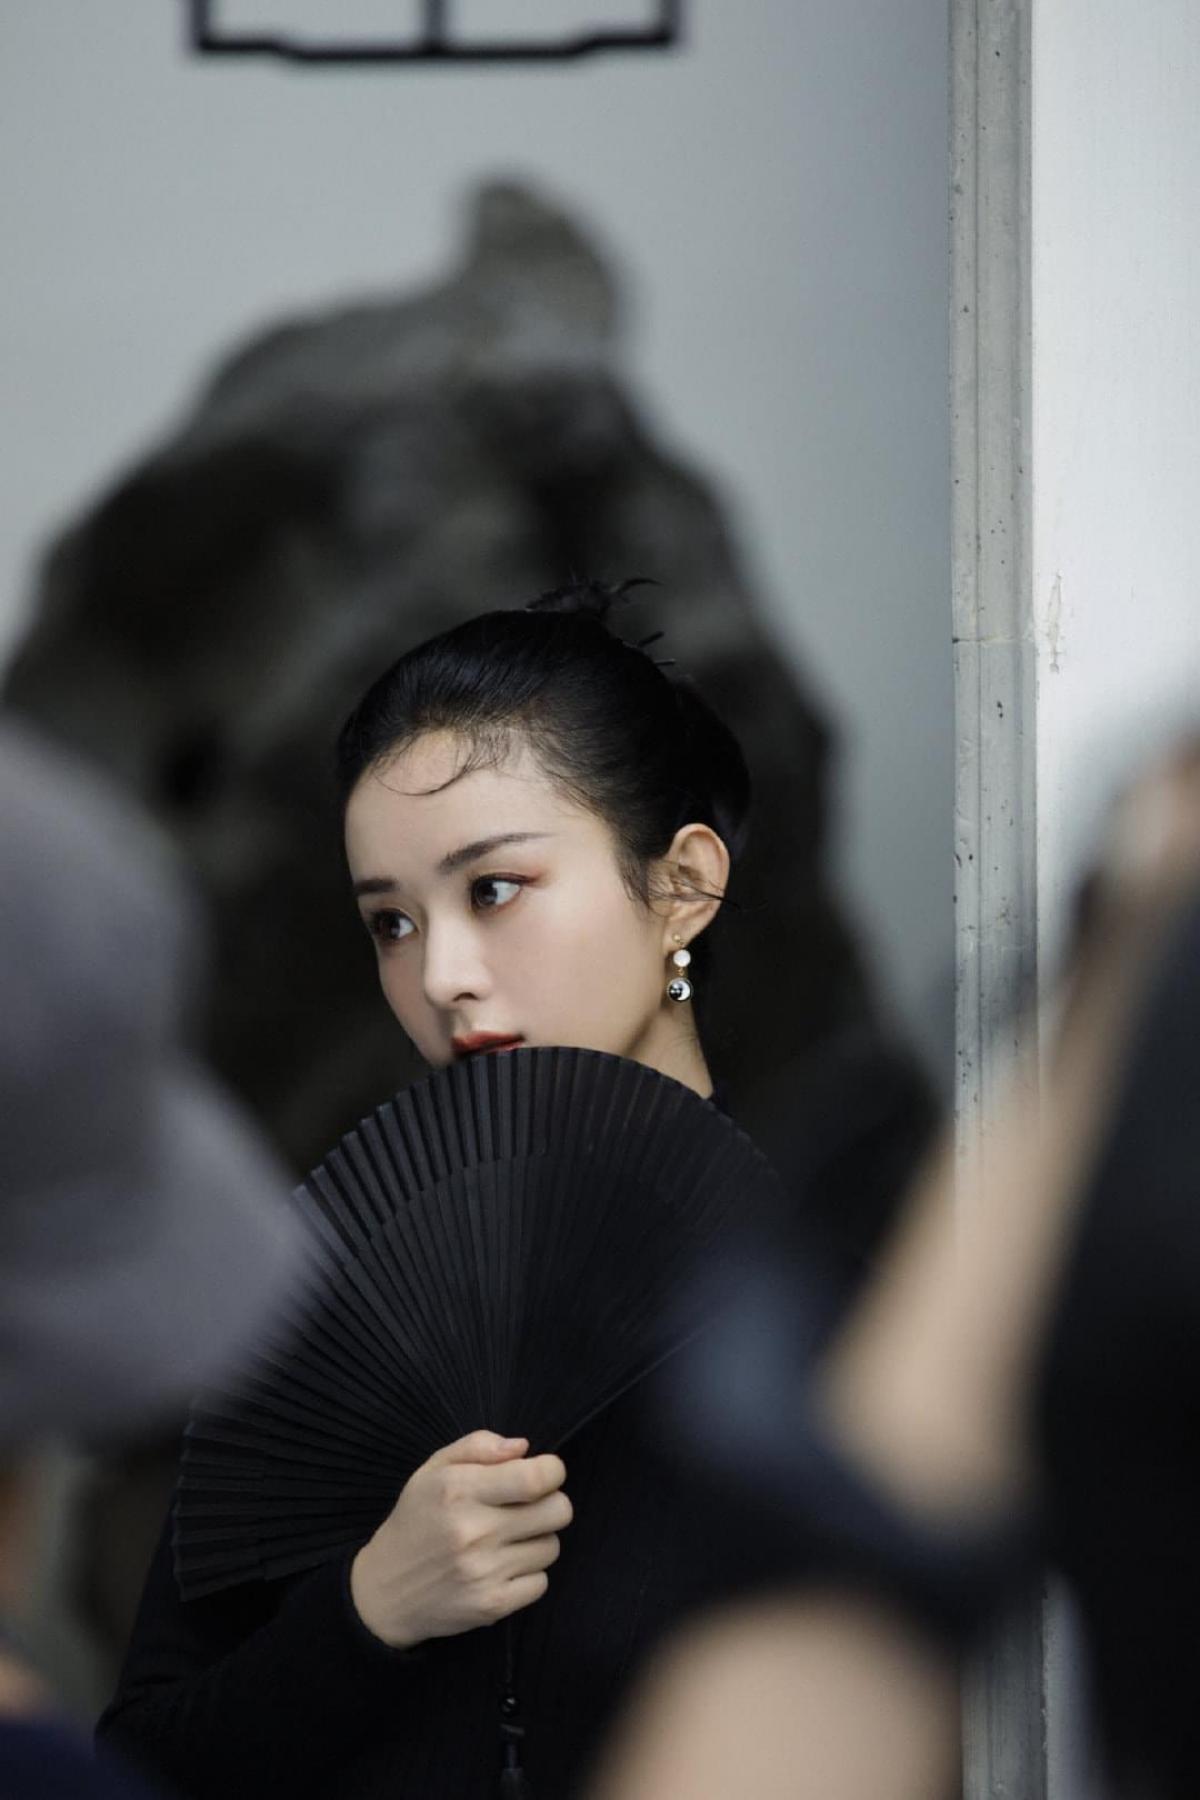 Phải nói Triệu Lệ Dĩnh 33 tuổi có cuộc sống rất kỹ lưỡng. Sau ồn ào tình cảm, cô đã trở nên mạnh mẽ, độc lập nhưng cũng rất bao dung và dịu dàng.